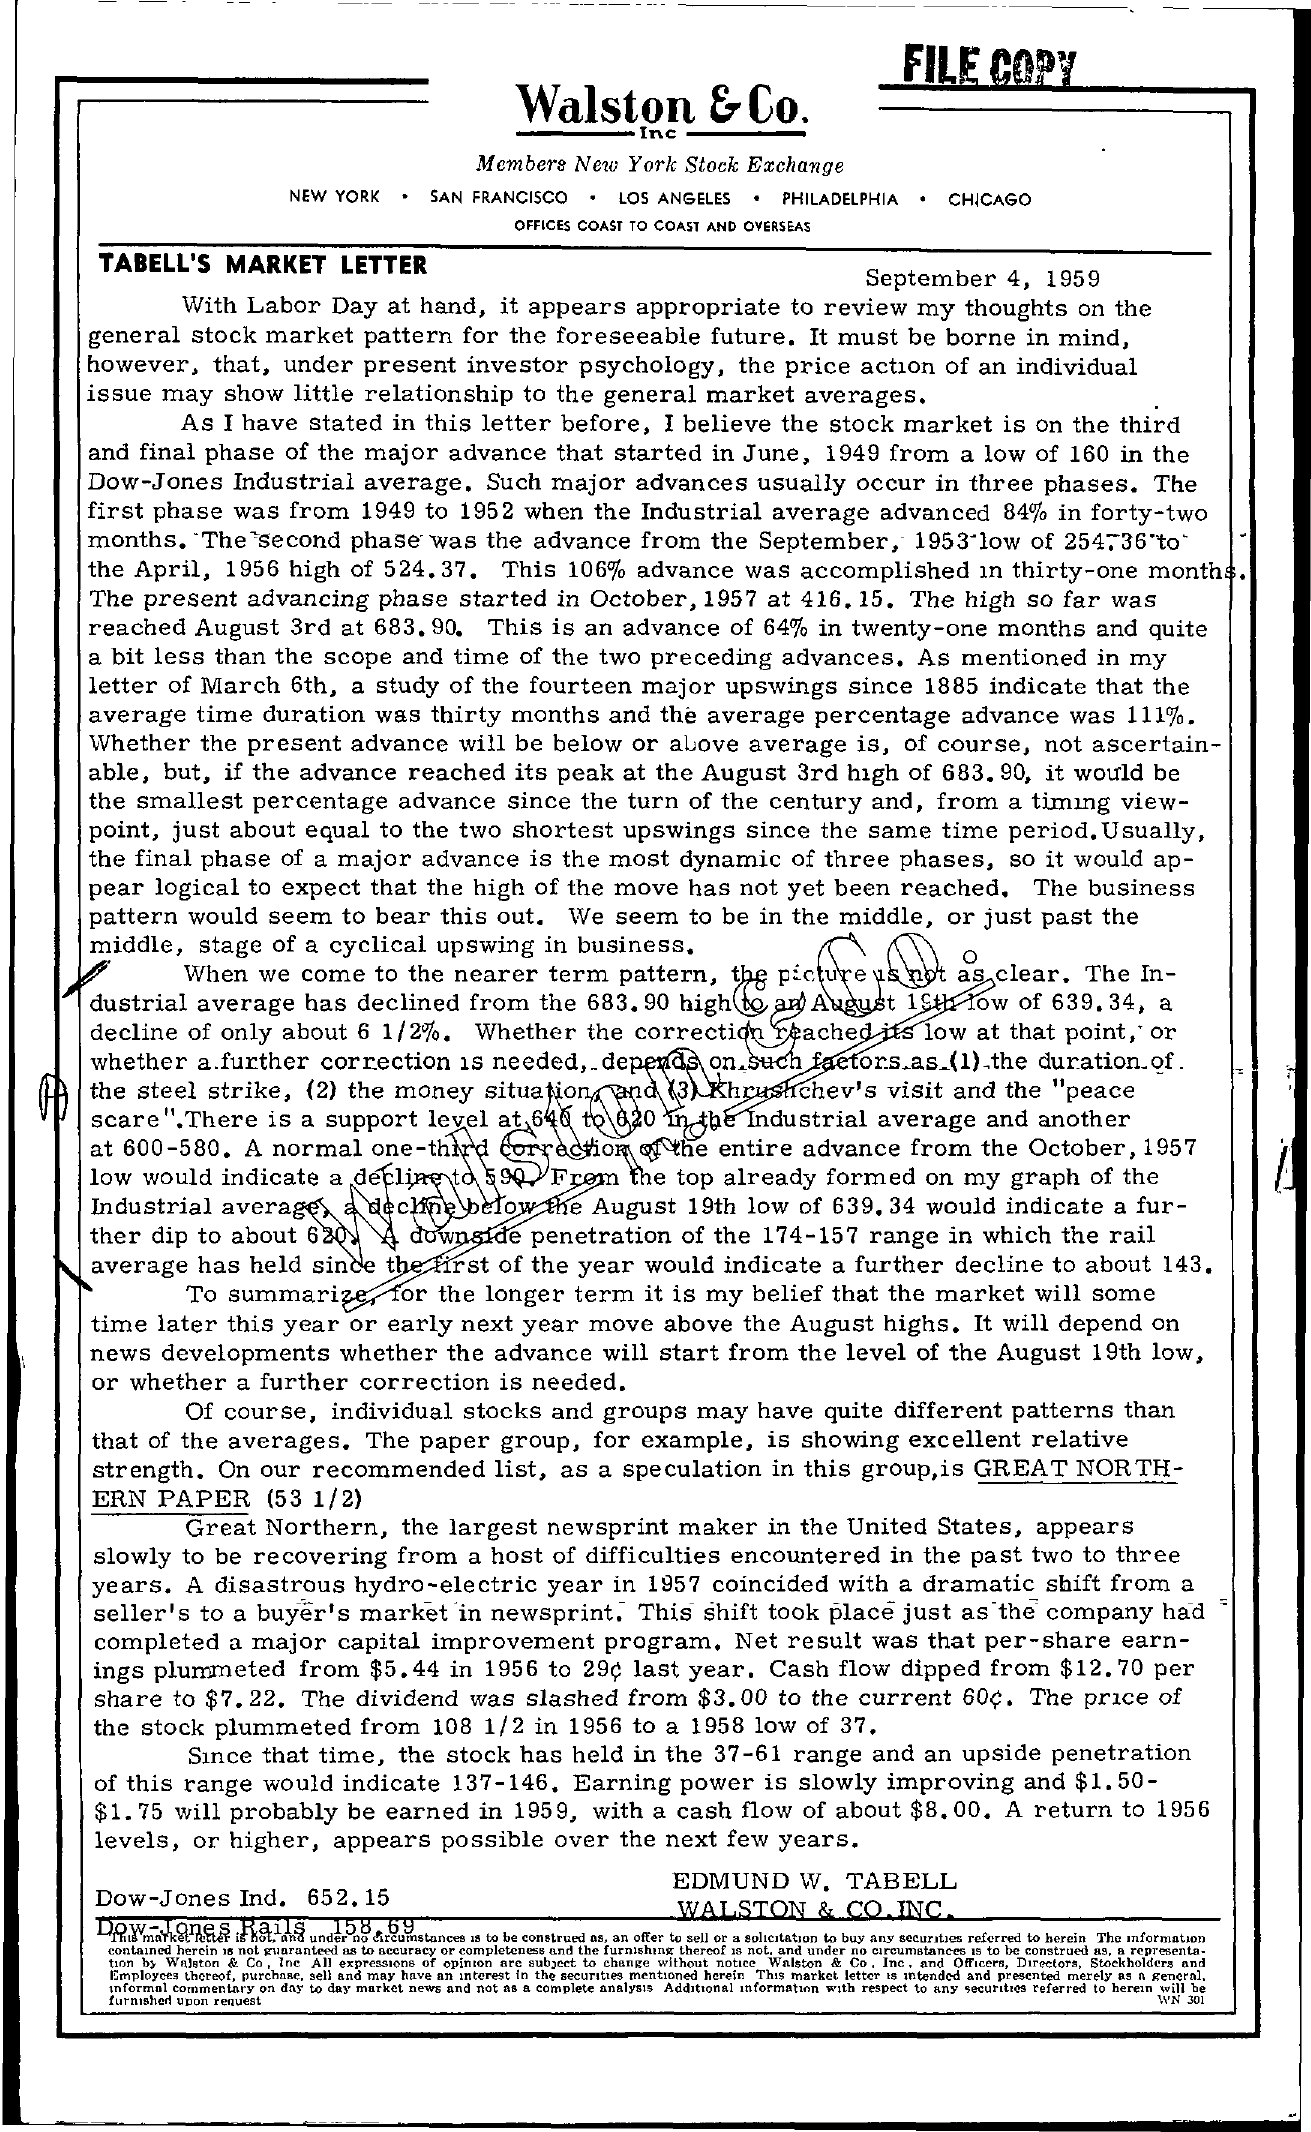 Tabell's Market Letter - September 04, 1959